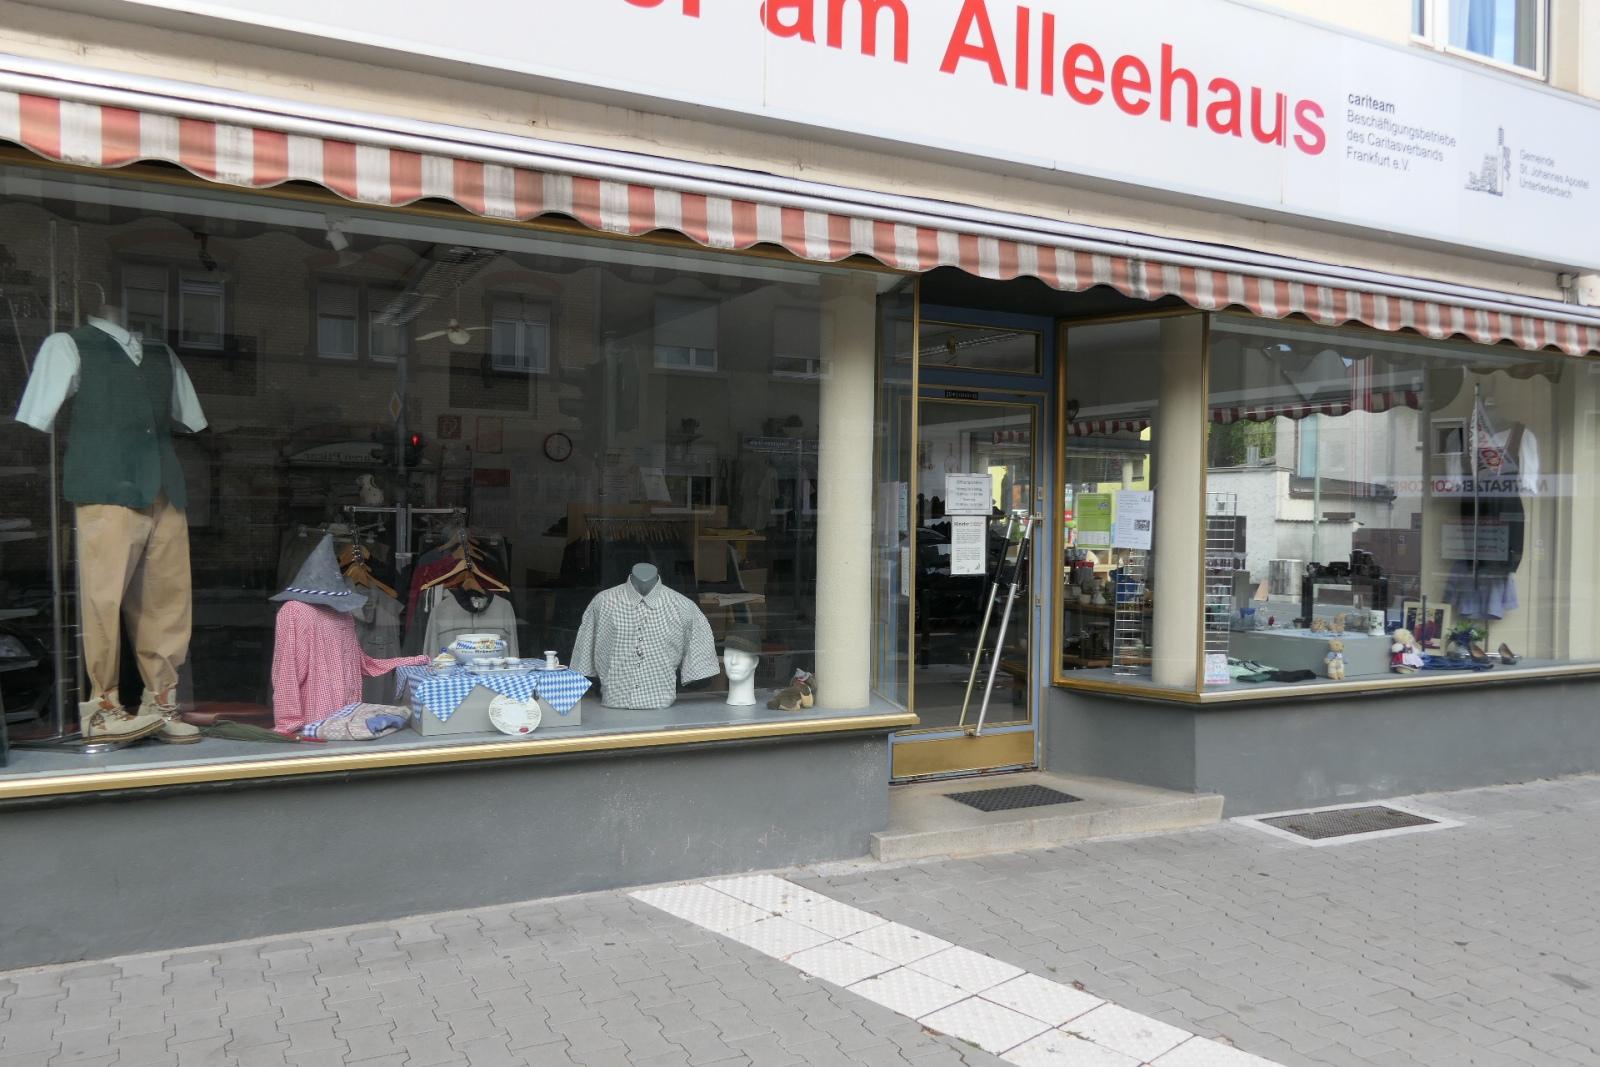 Kleider am Alleehaus, Königsteiner Straße in Frankfurt am Main Unterliederbach